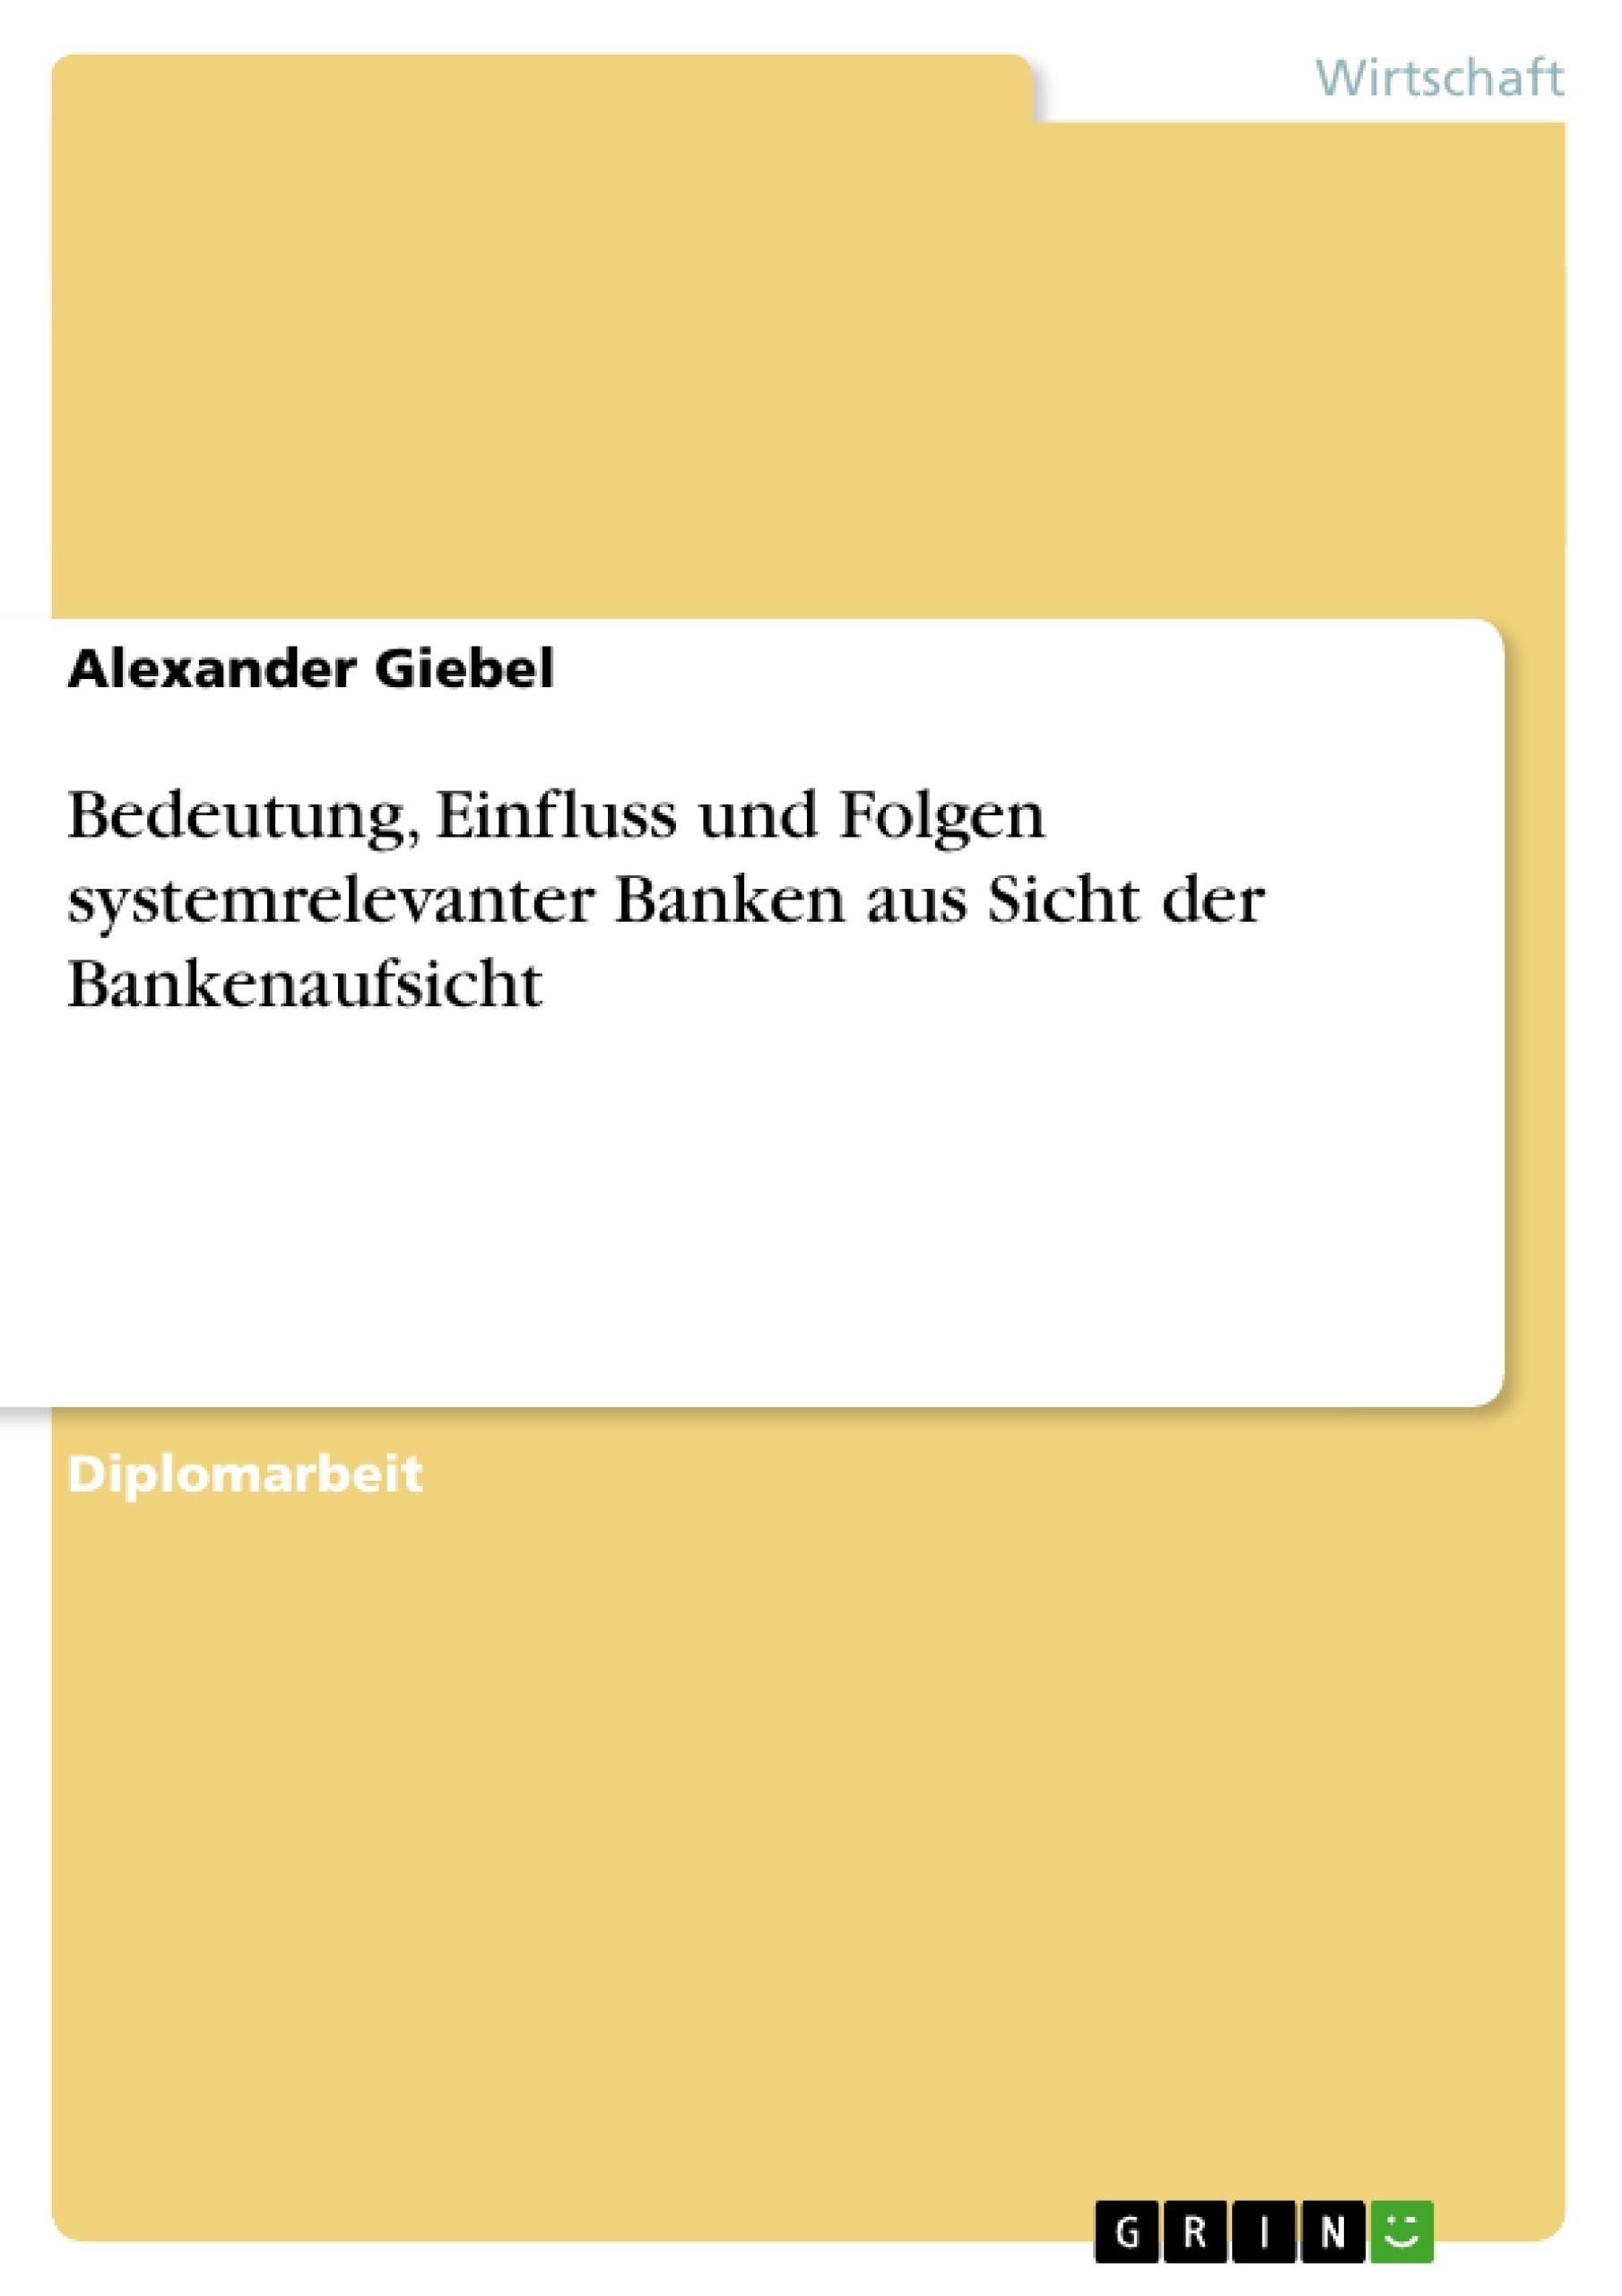 Titel: Bedeutung, Einfluss und Folgen systemrelevanter Banken aus Sicht der Bankenaufsicht